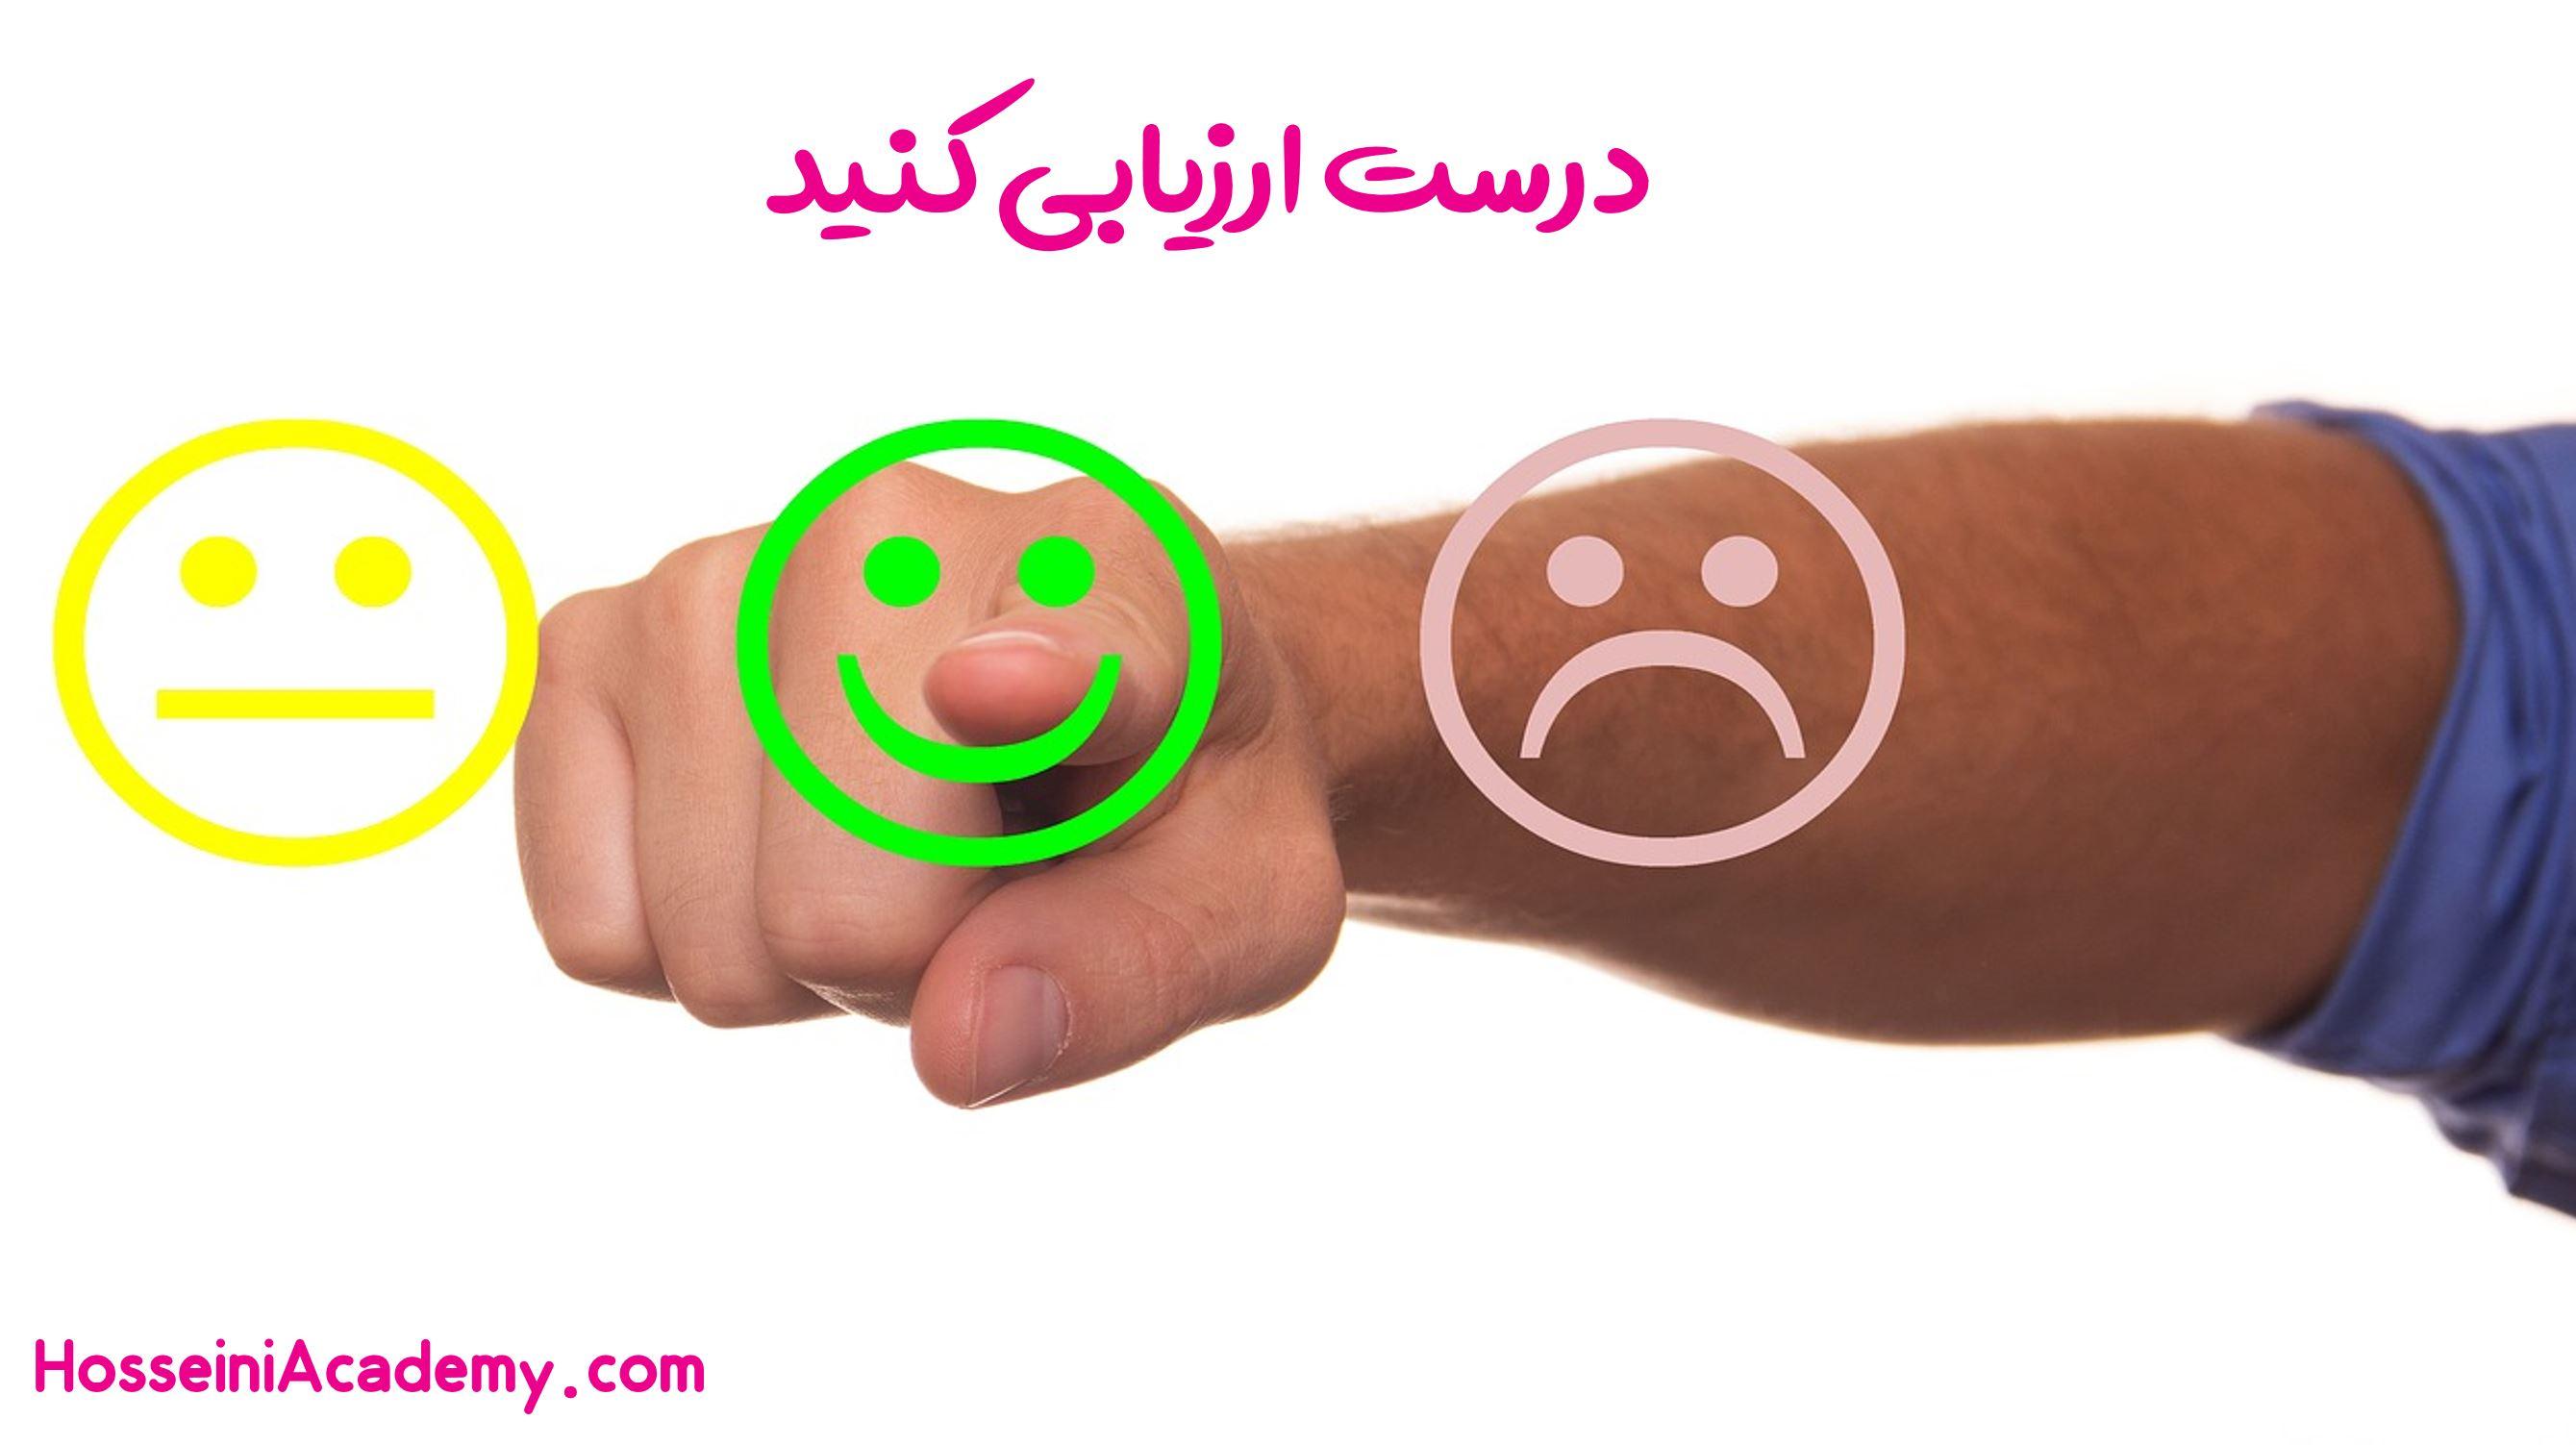 ارزیابی مثبت